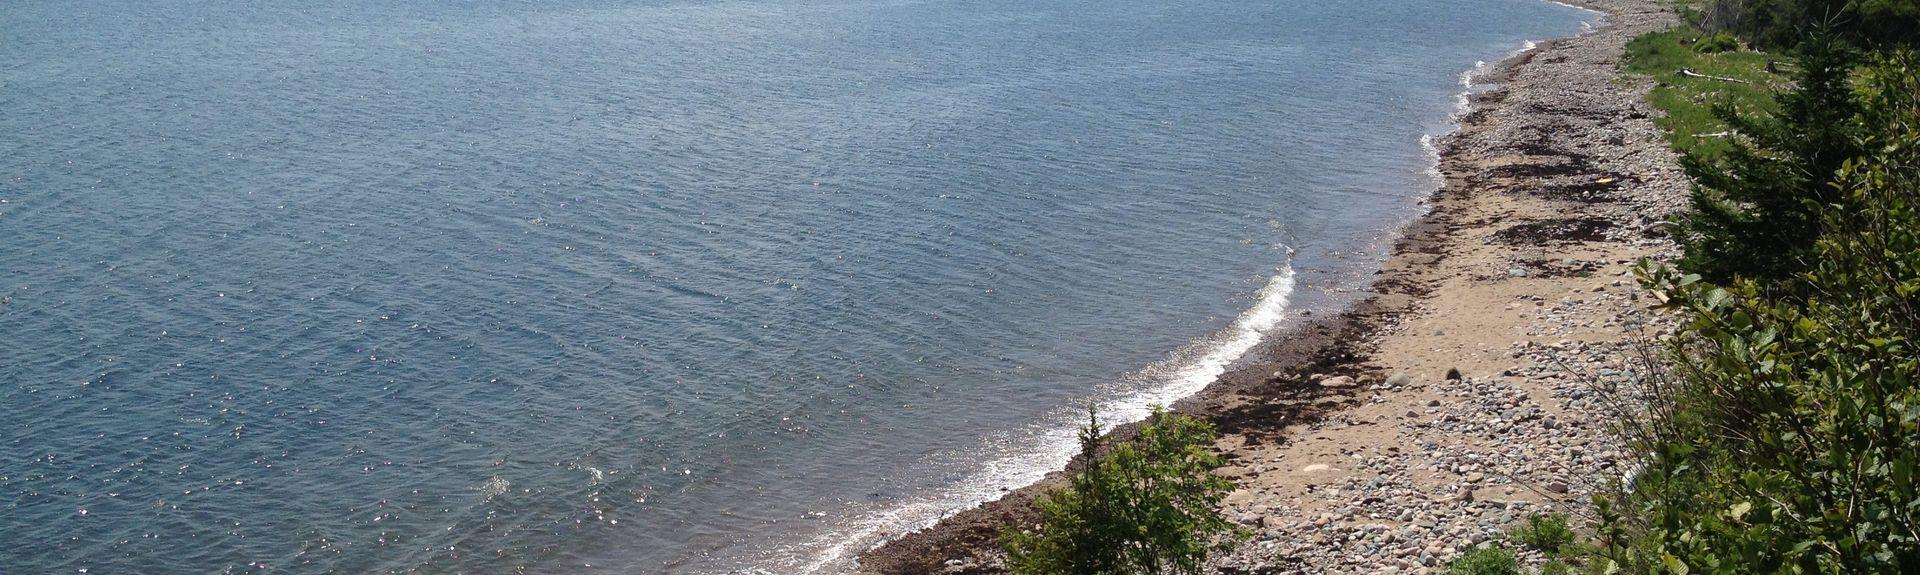 Jersey Cove, Nova Scotia, Canada